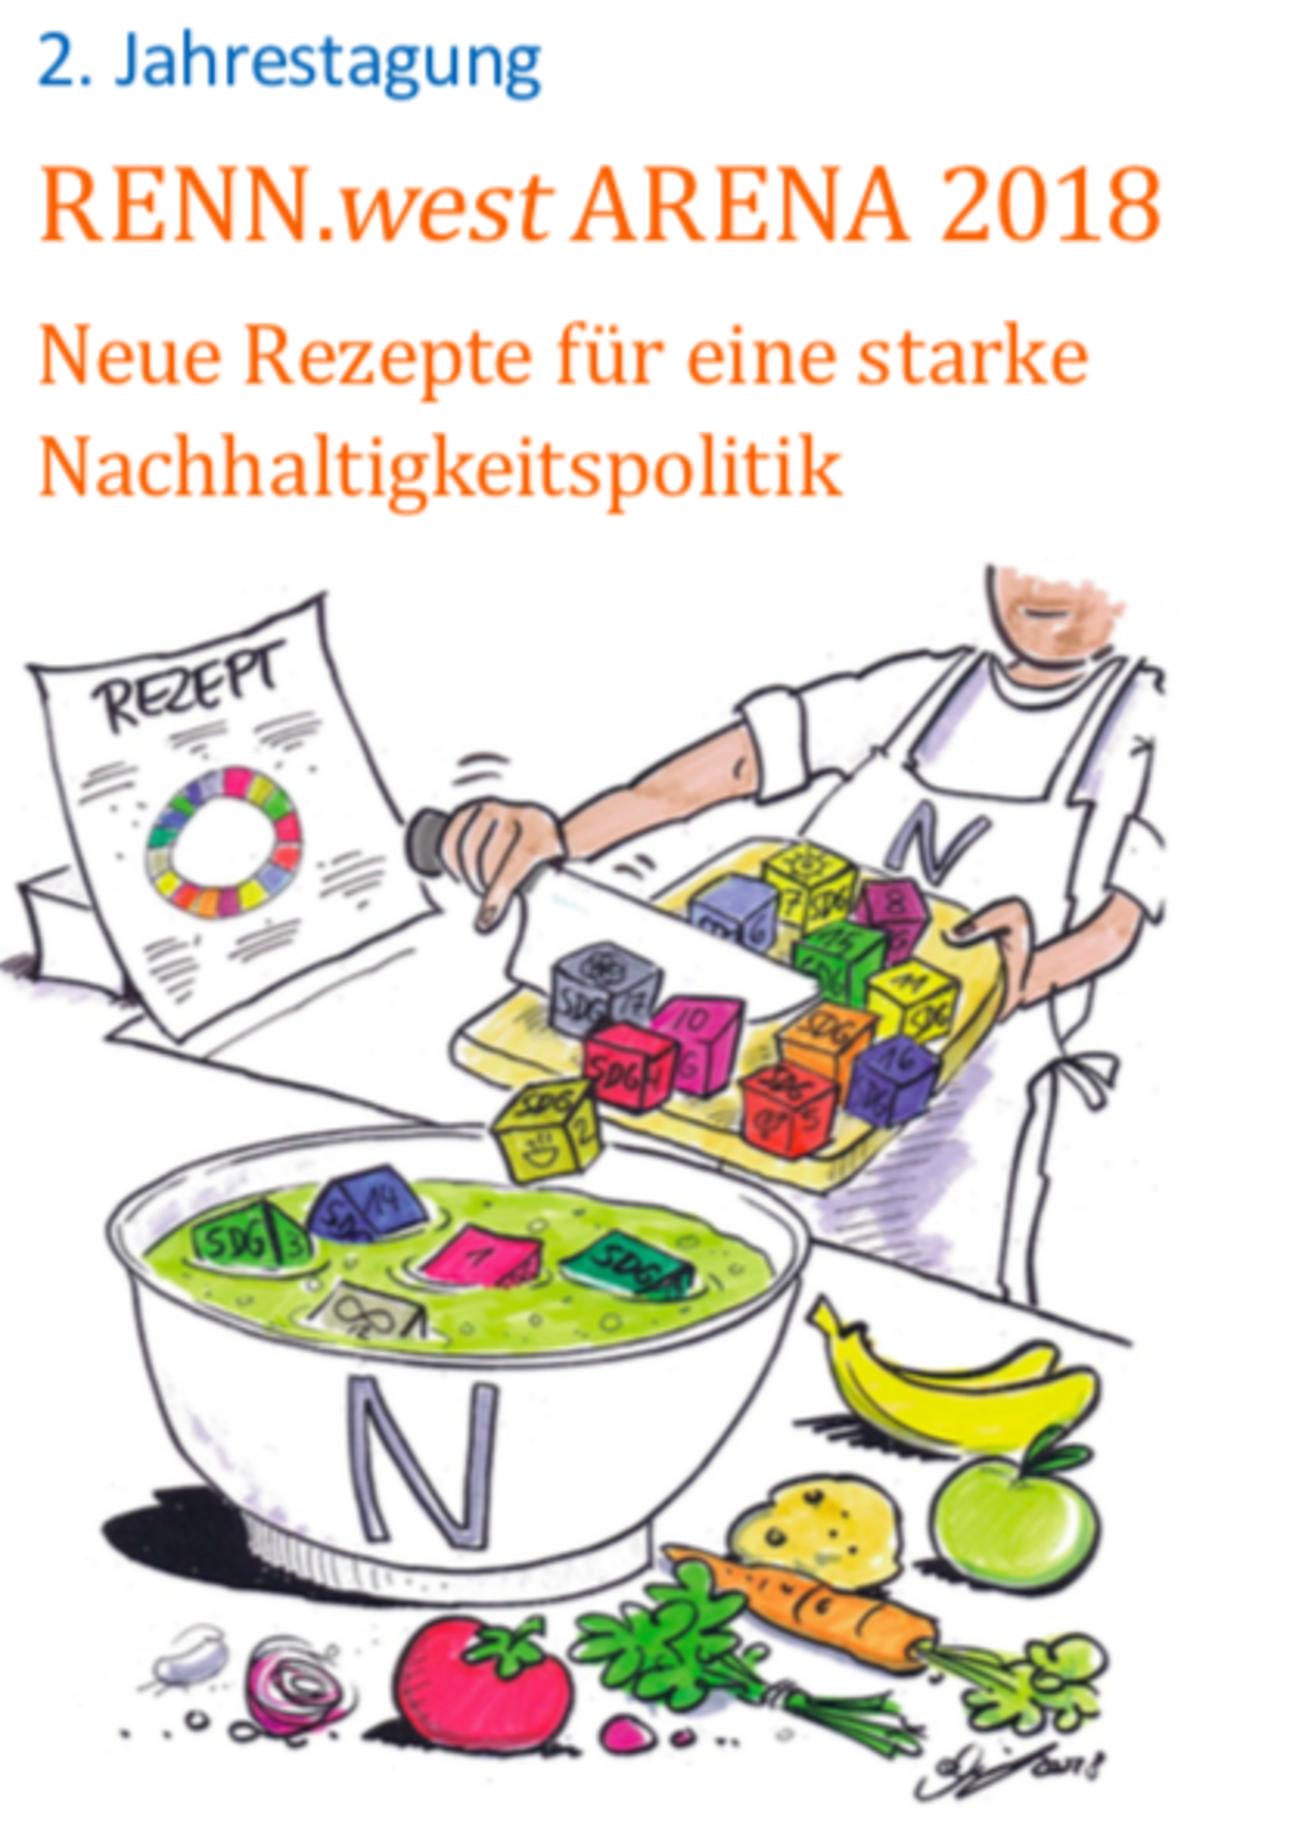 Veranstaltungsname und gezeichnetes Bild mit Suppenkoch